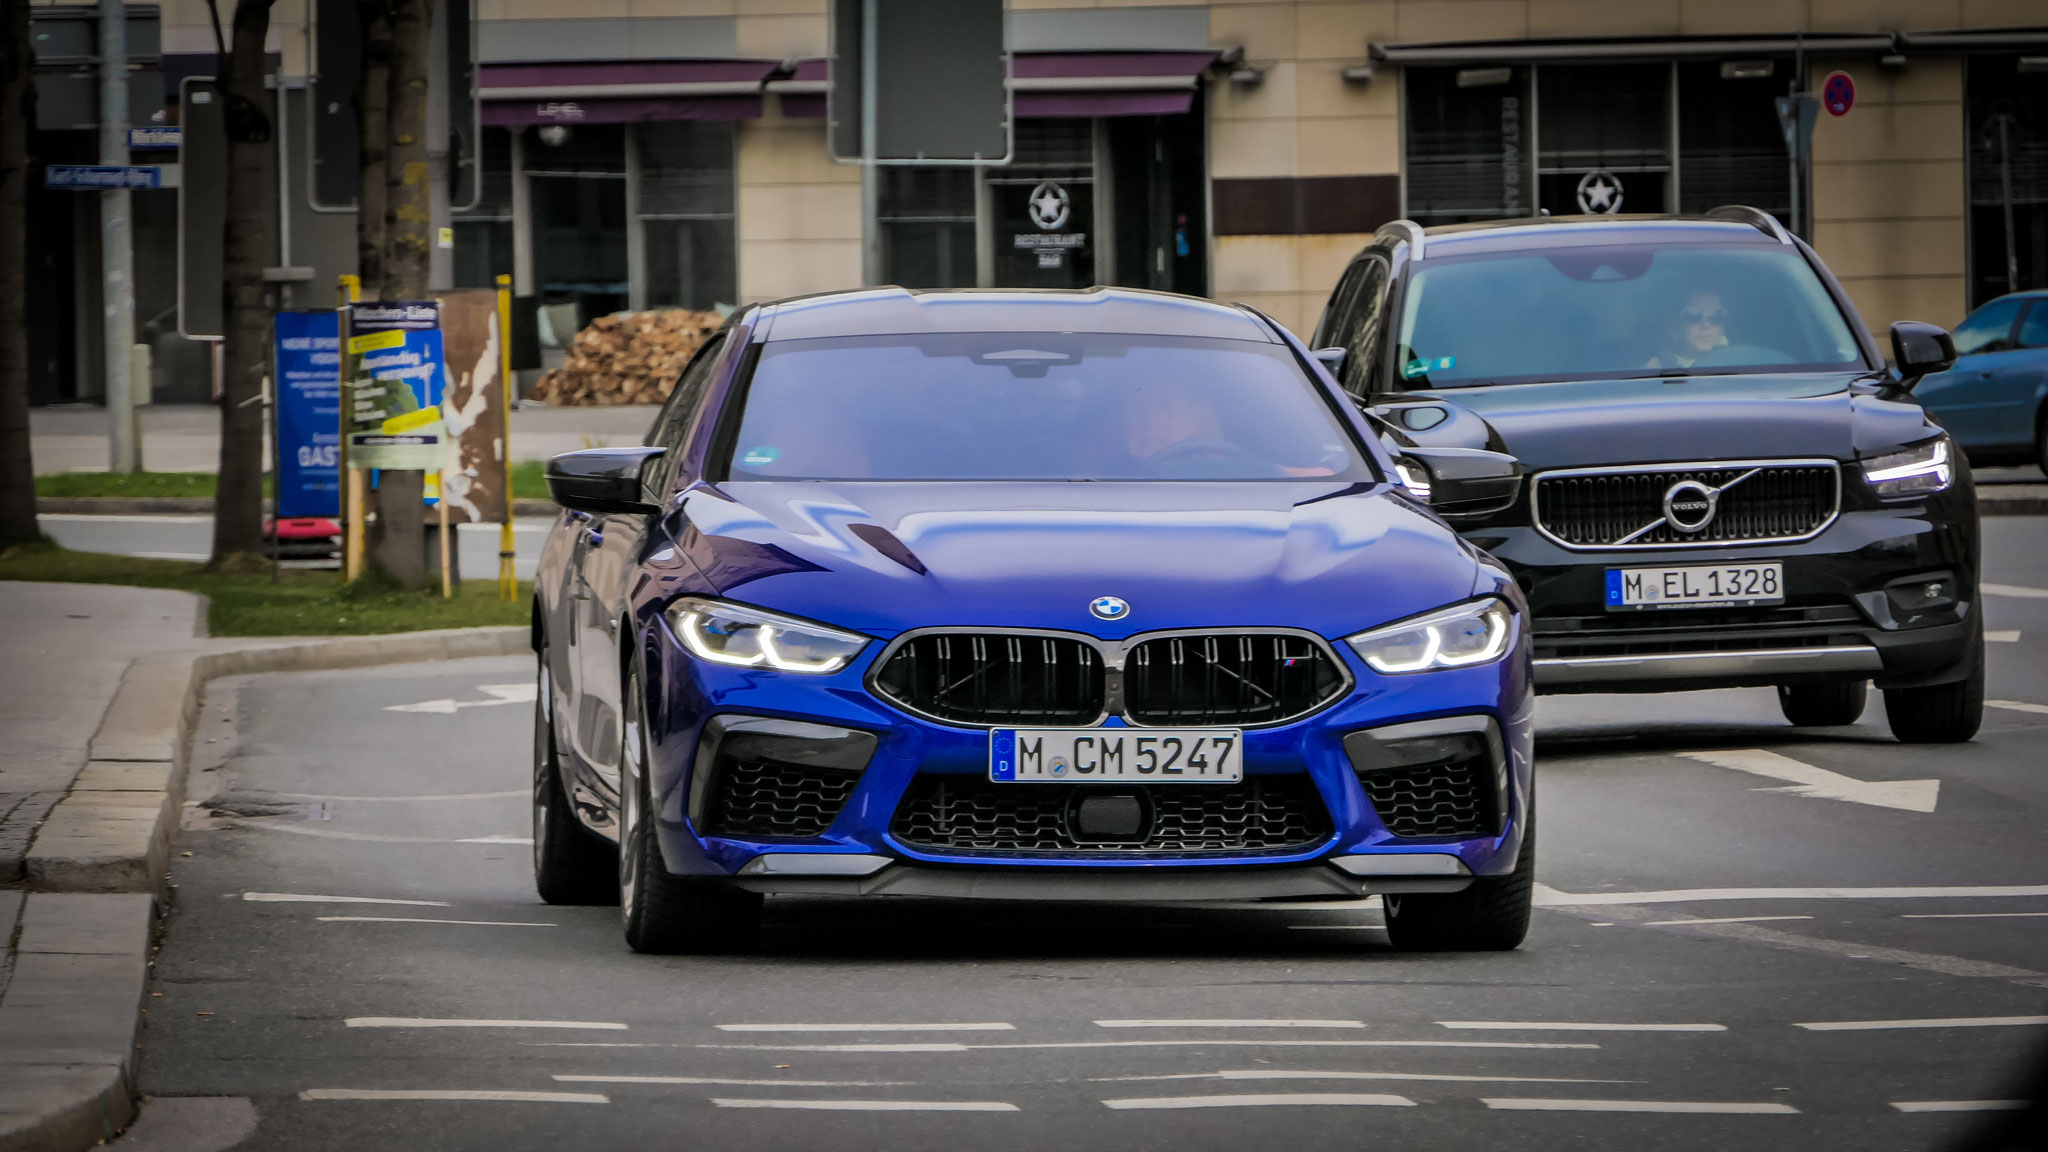 BMW M8 Competition Gran Coupé - M-CM-5247